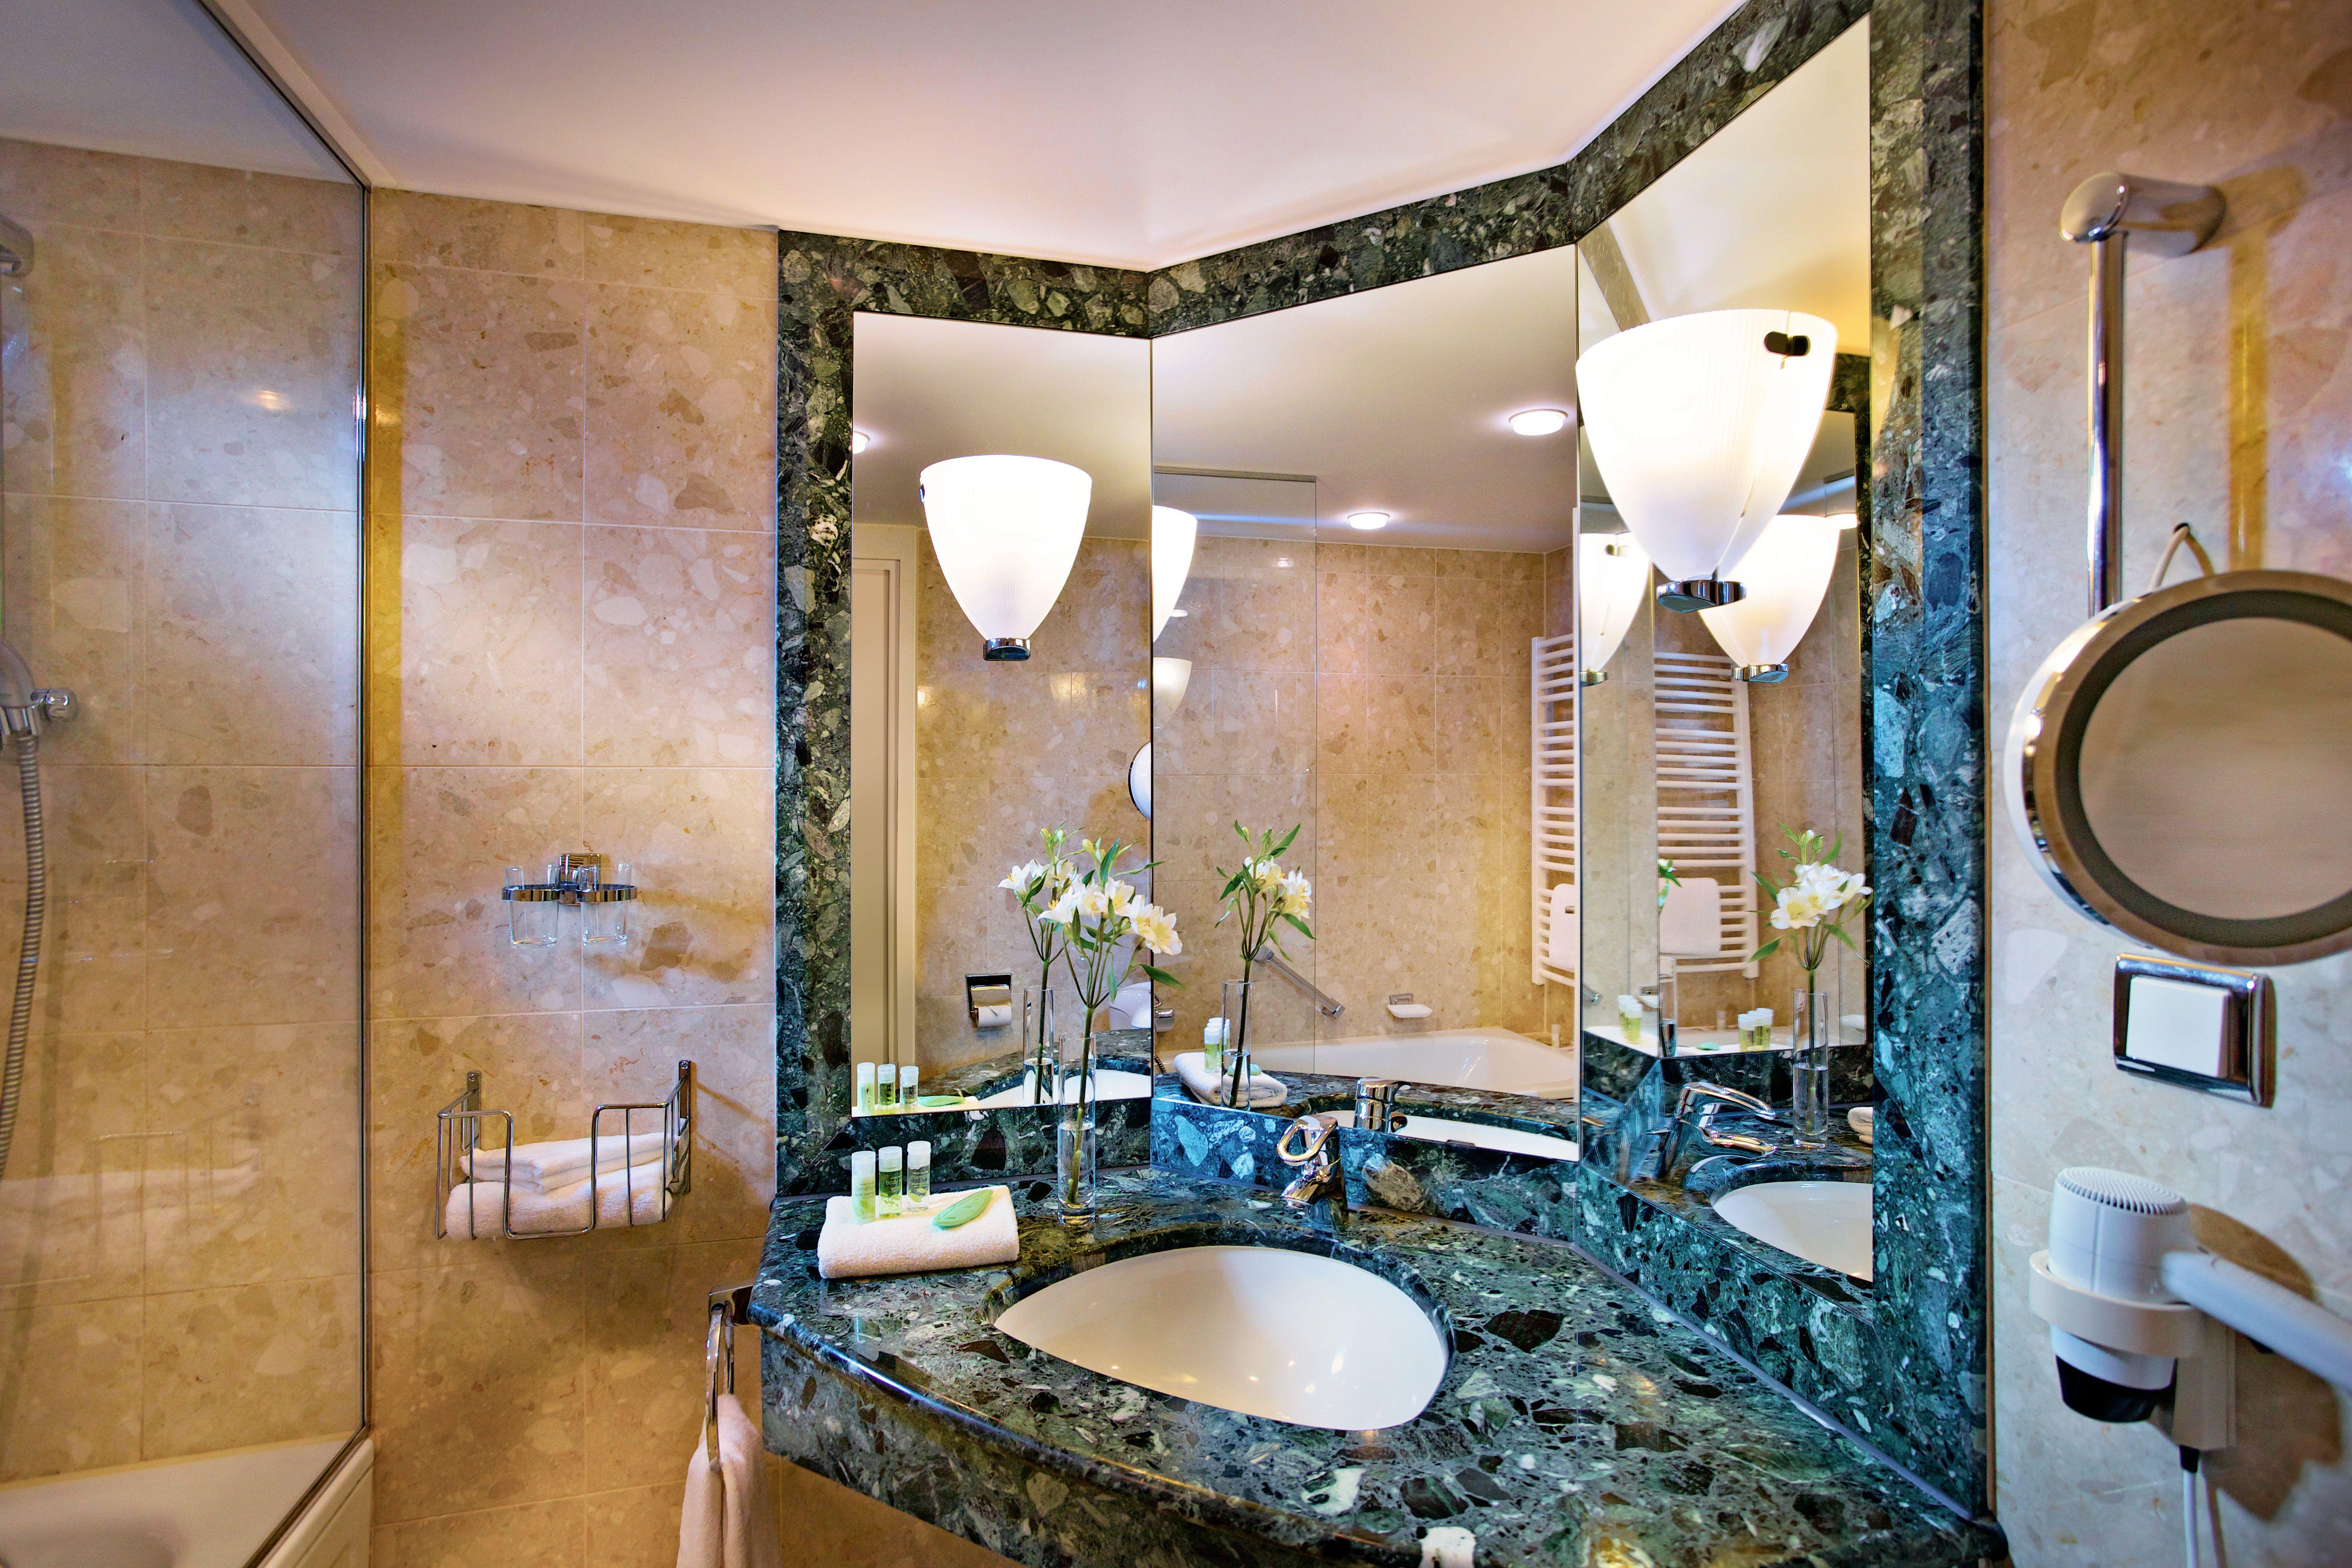 Badezimmer Hotel ~ The westin bellevue hotel dresden: badezimmer der präsidentensuite